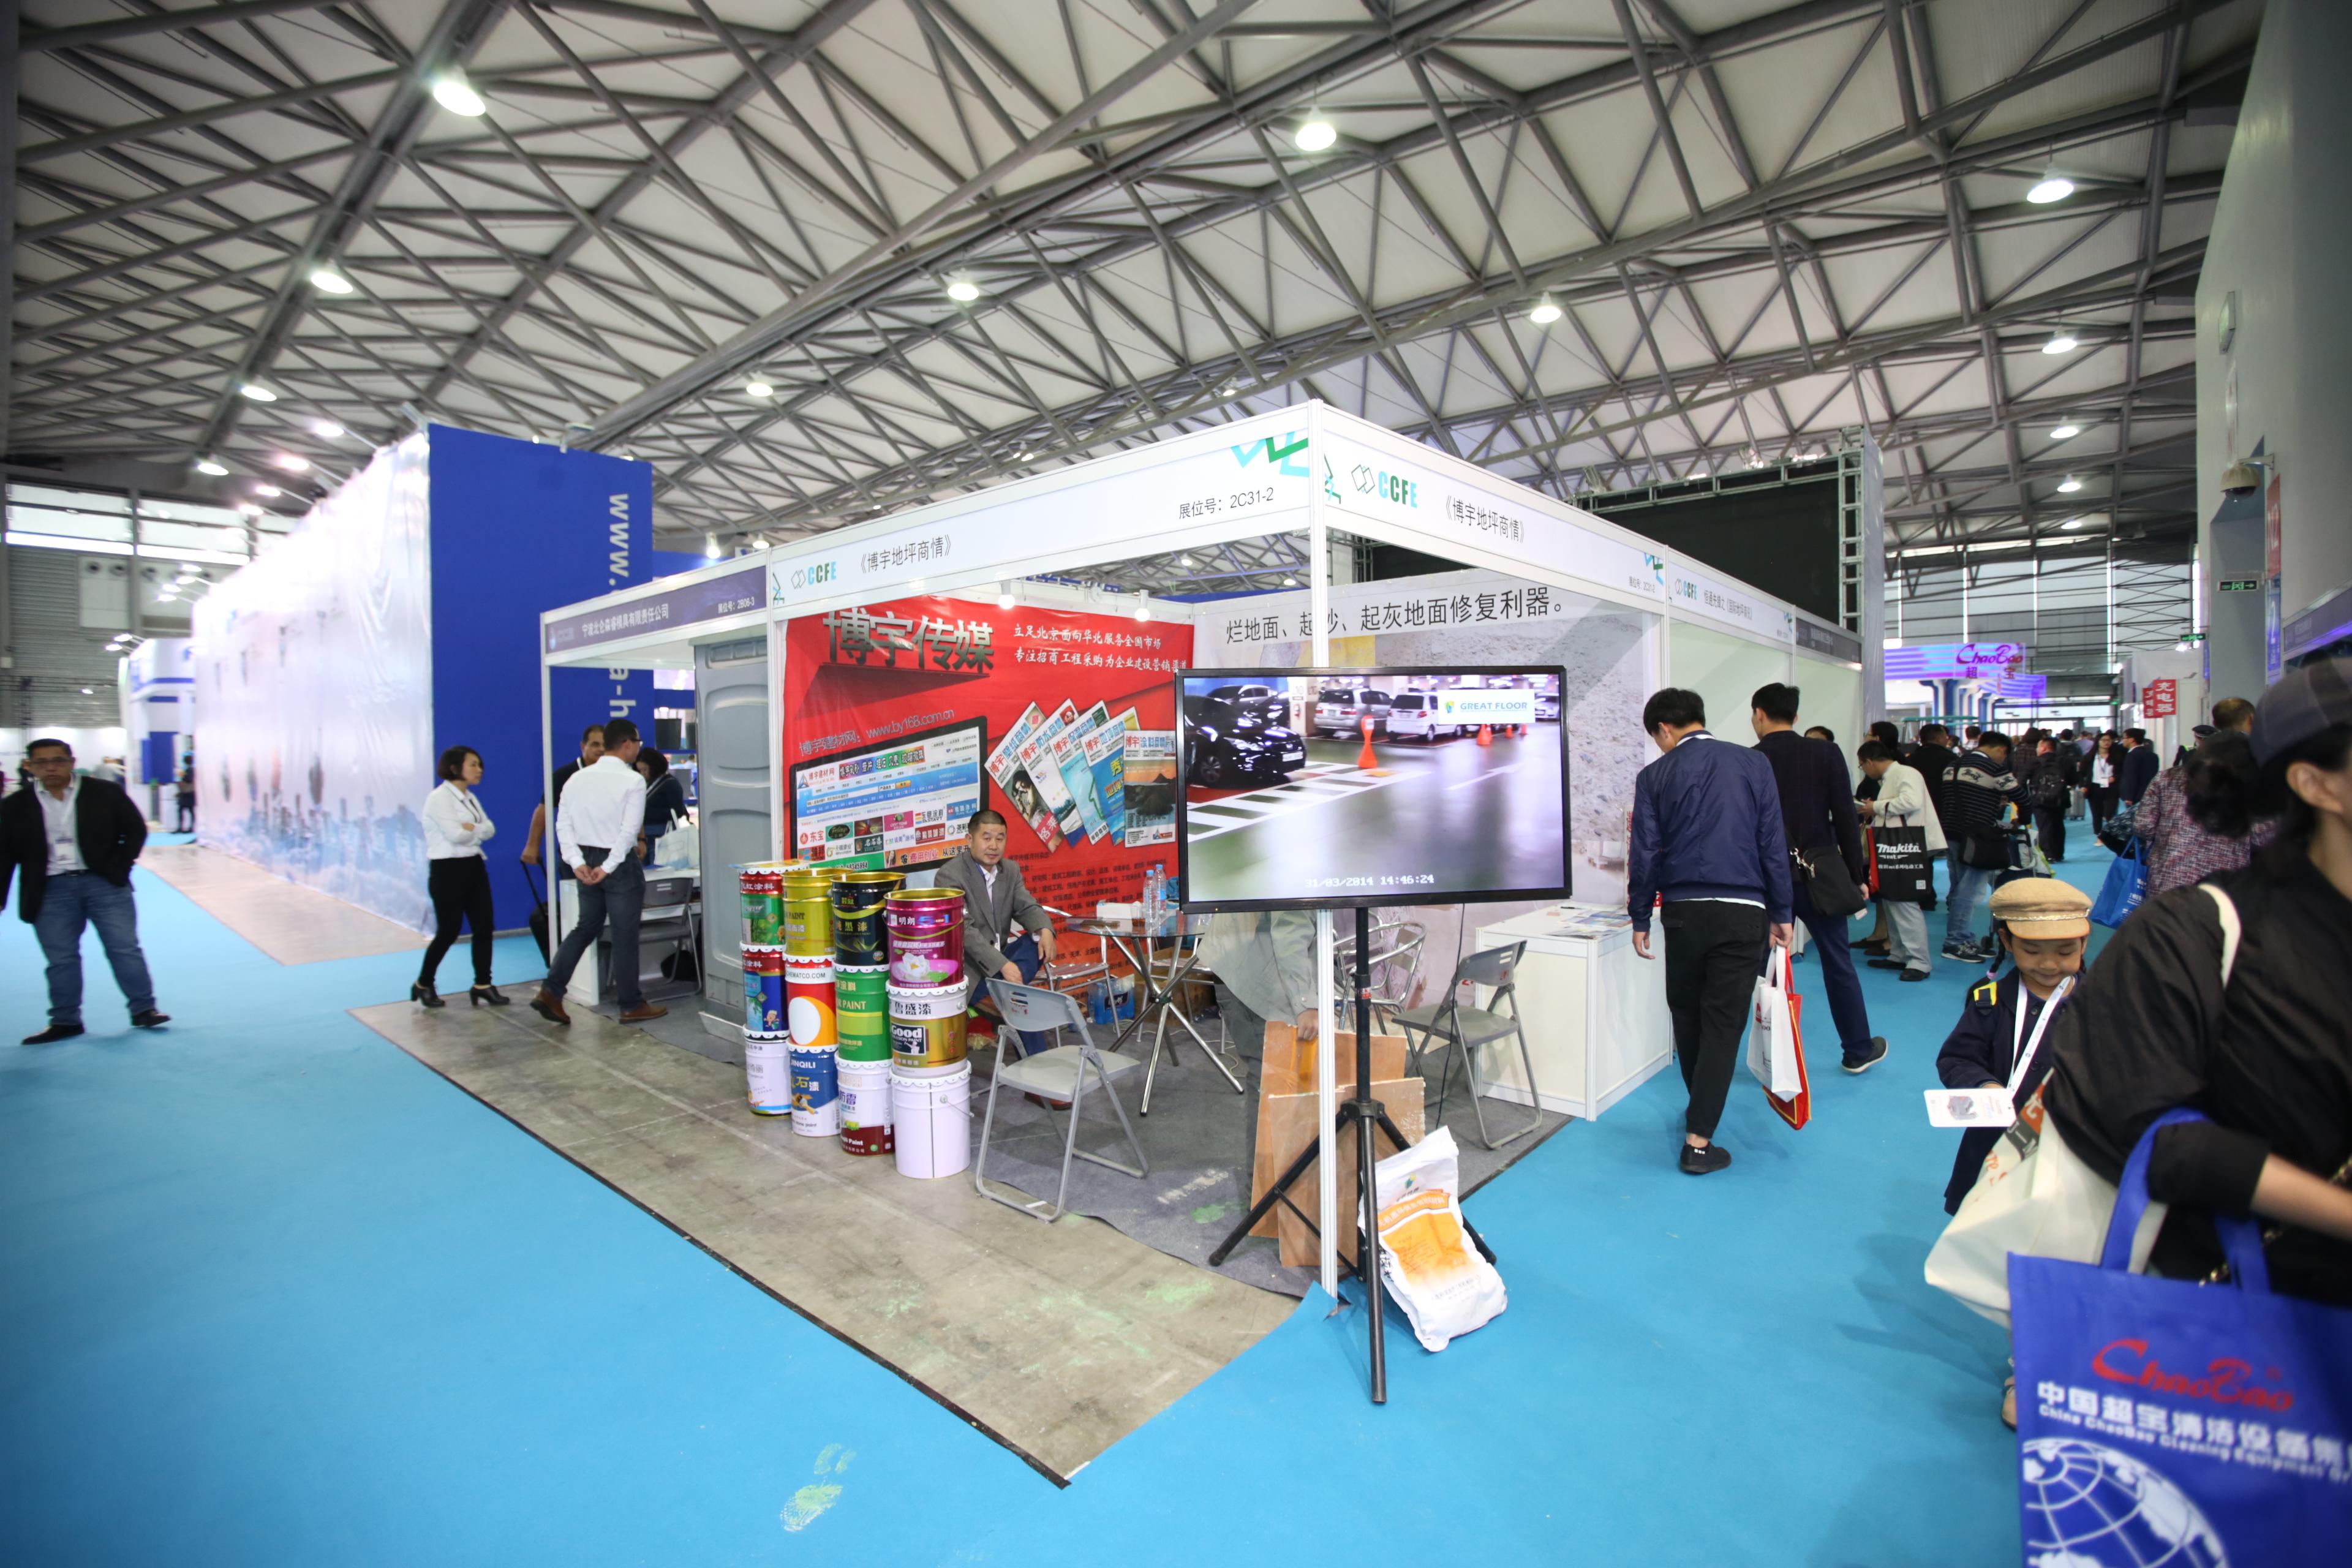 2017年上海国际清洁技术与设备博览会 现场集锦02